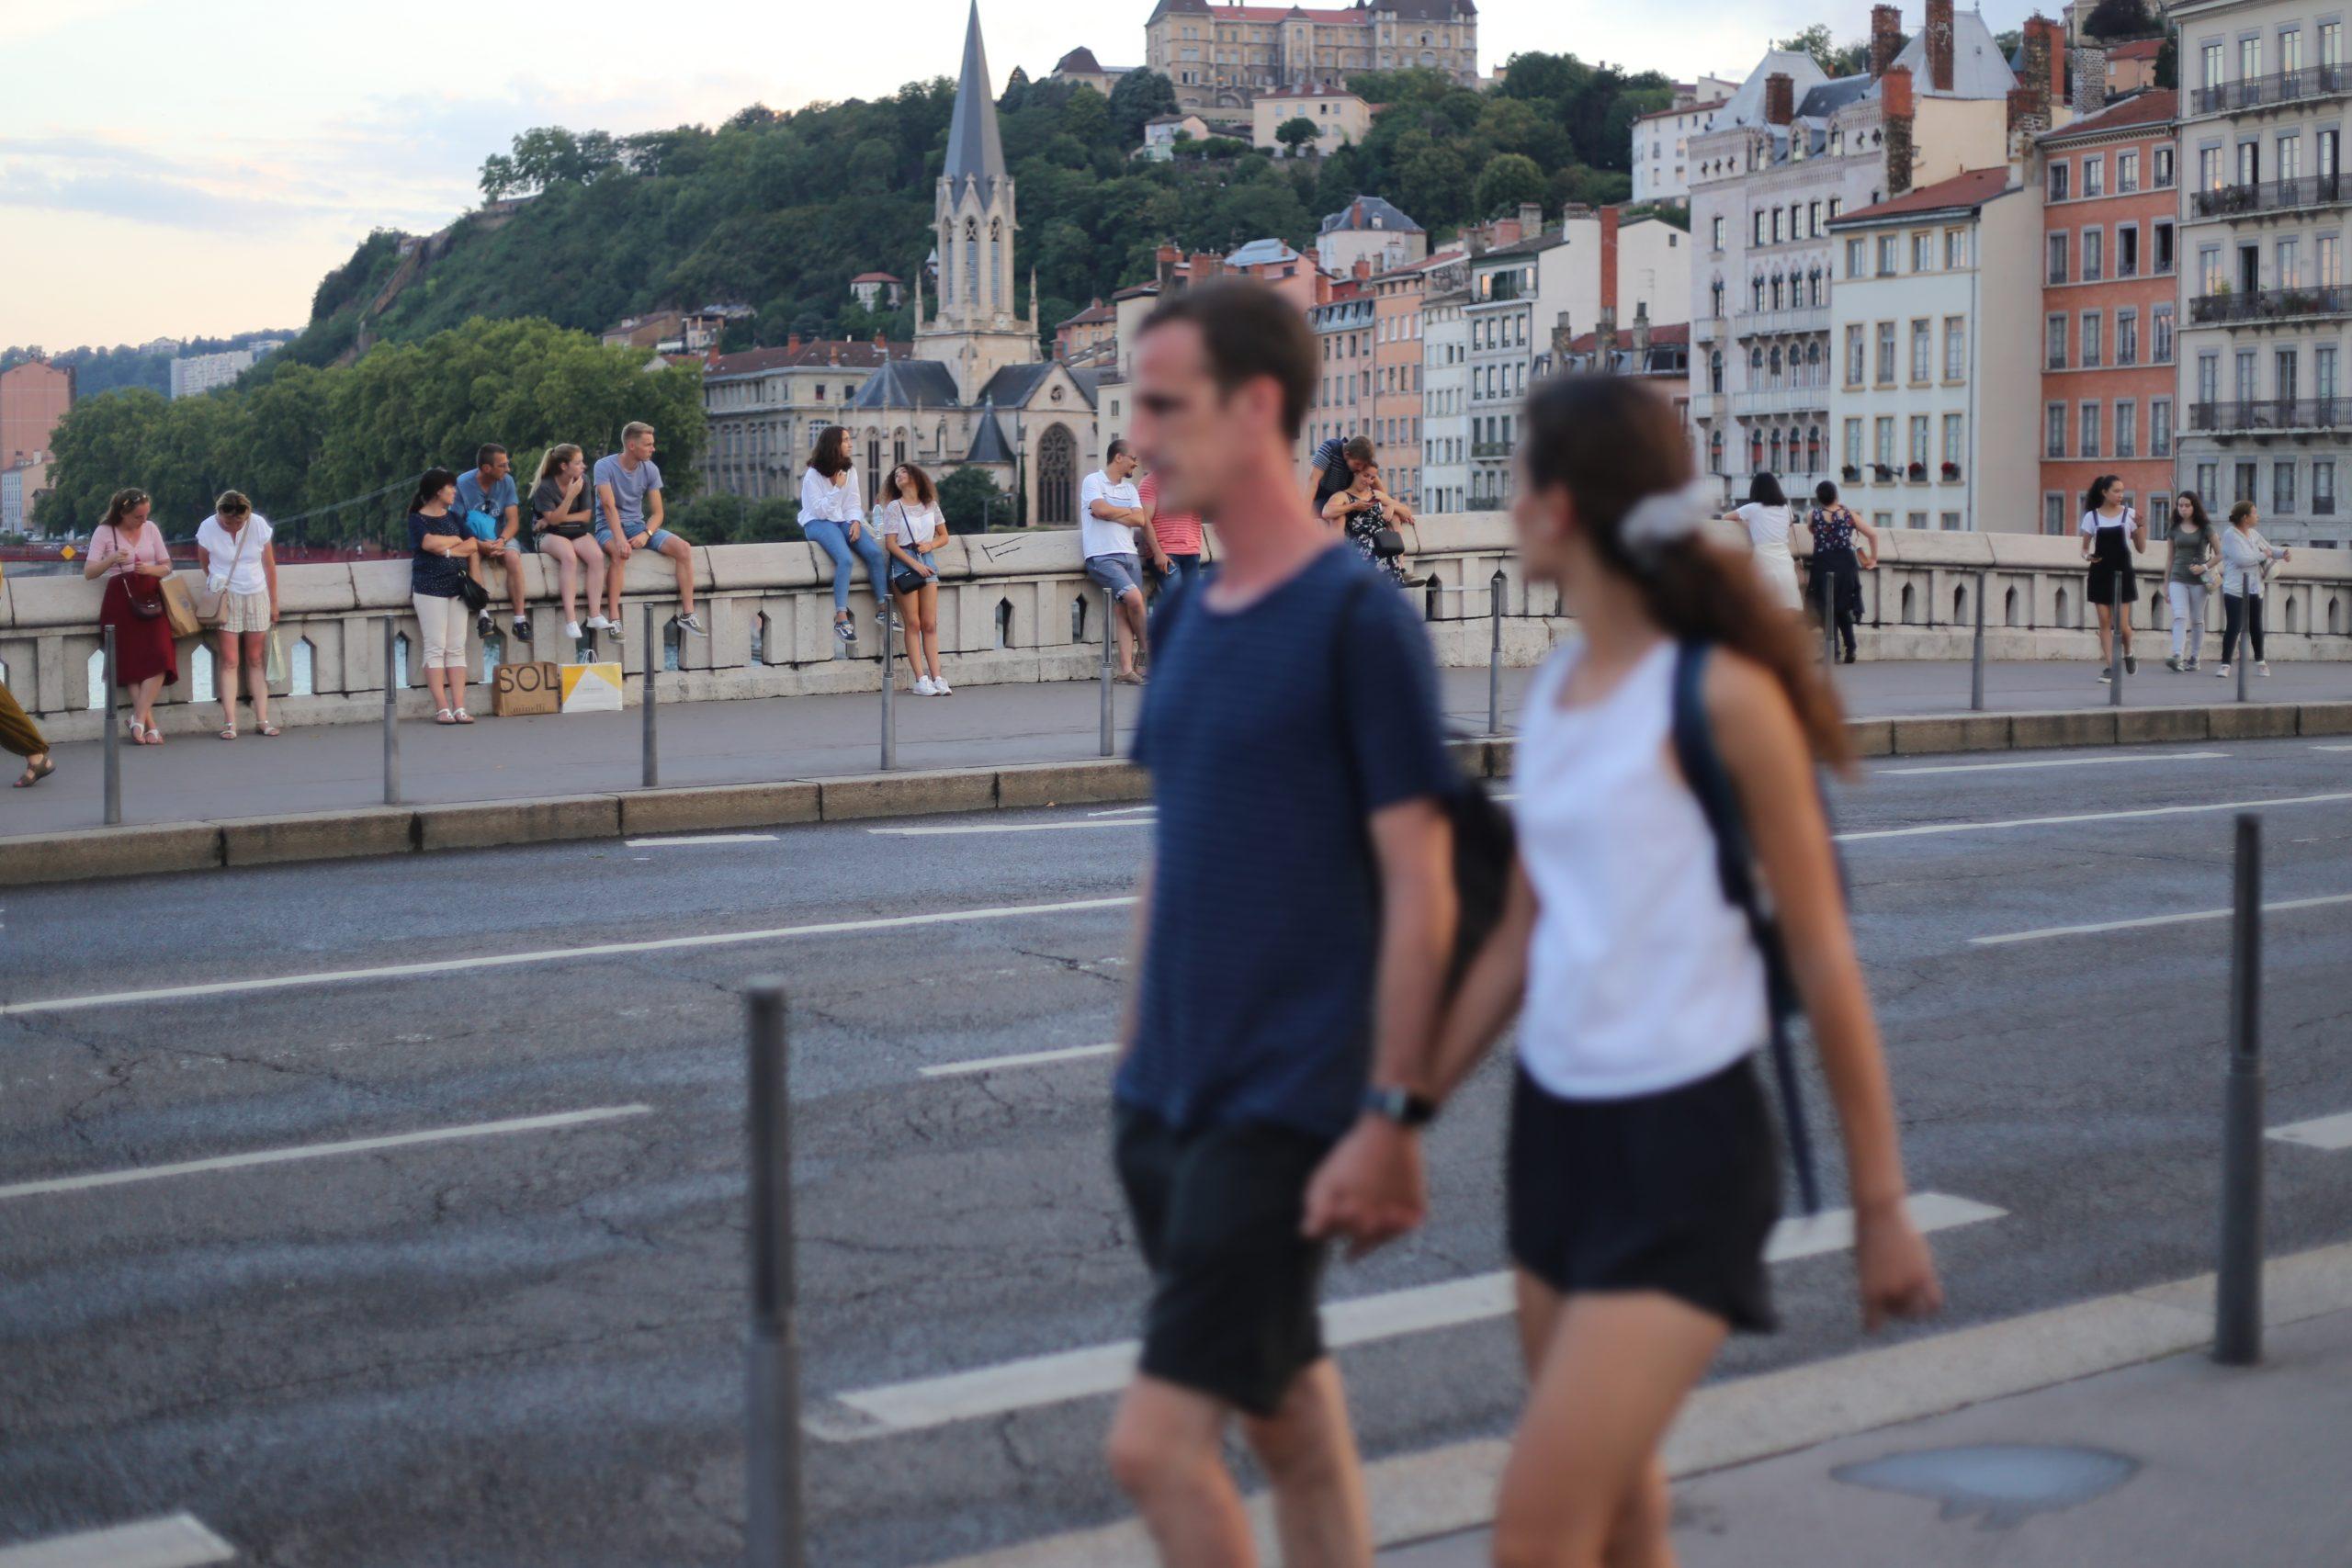 Summer Holidays Still On Across Europe